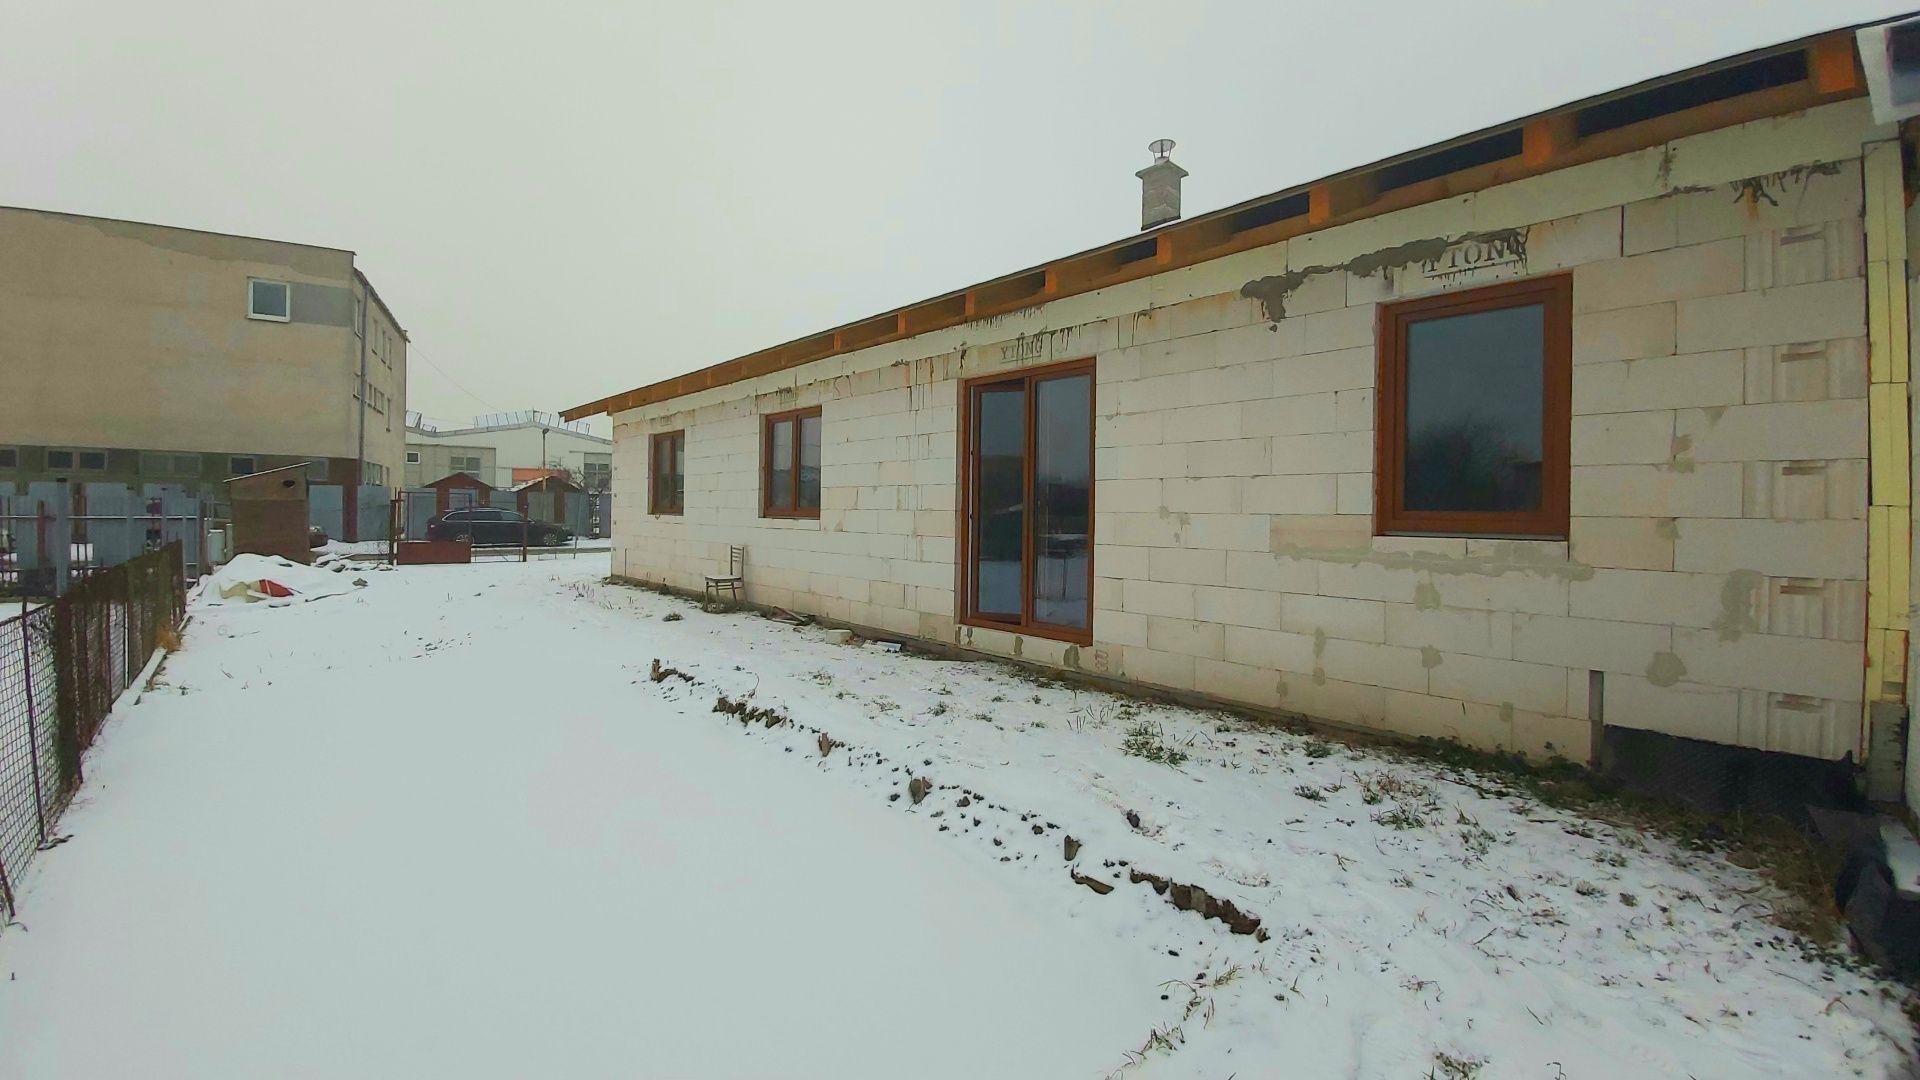 ADOMIS - PREDÁM 4-izb.BUNGALOV, 400m2, Vyšné Opátske